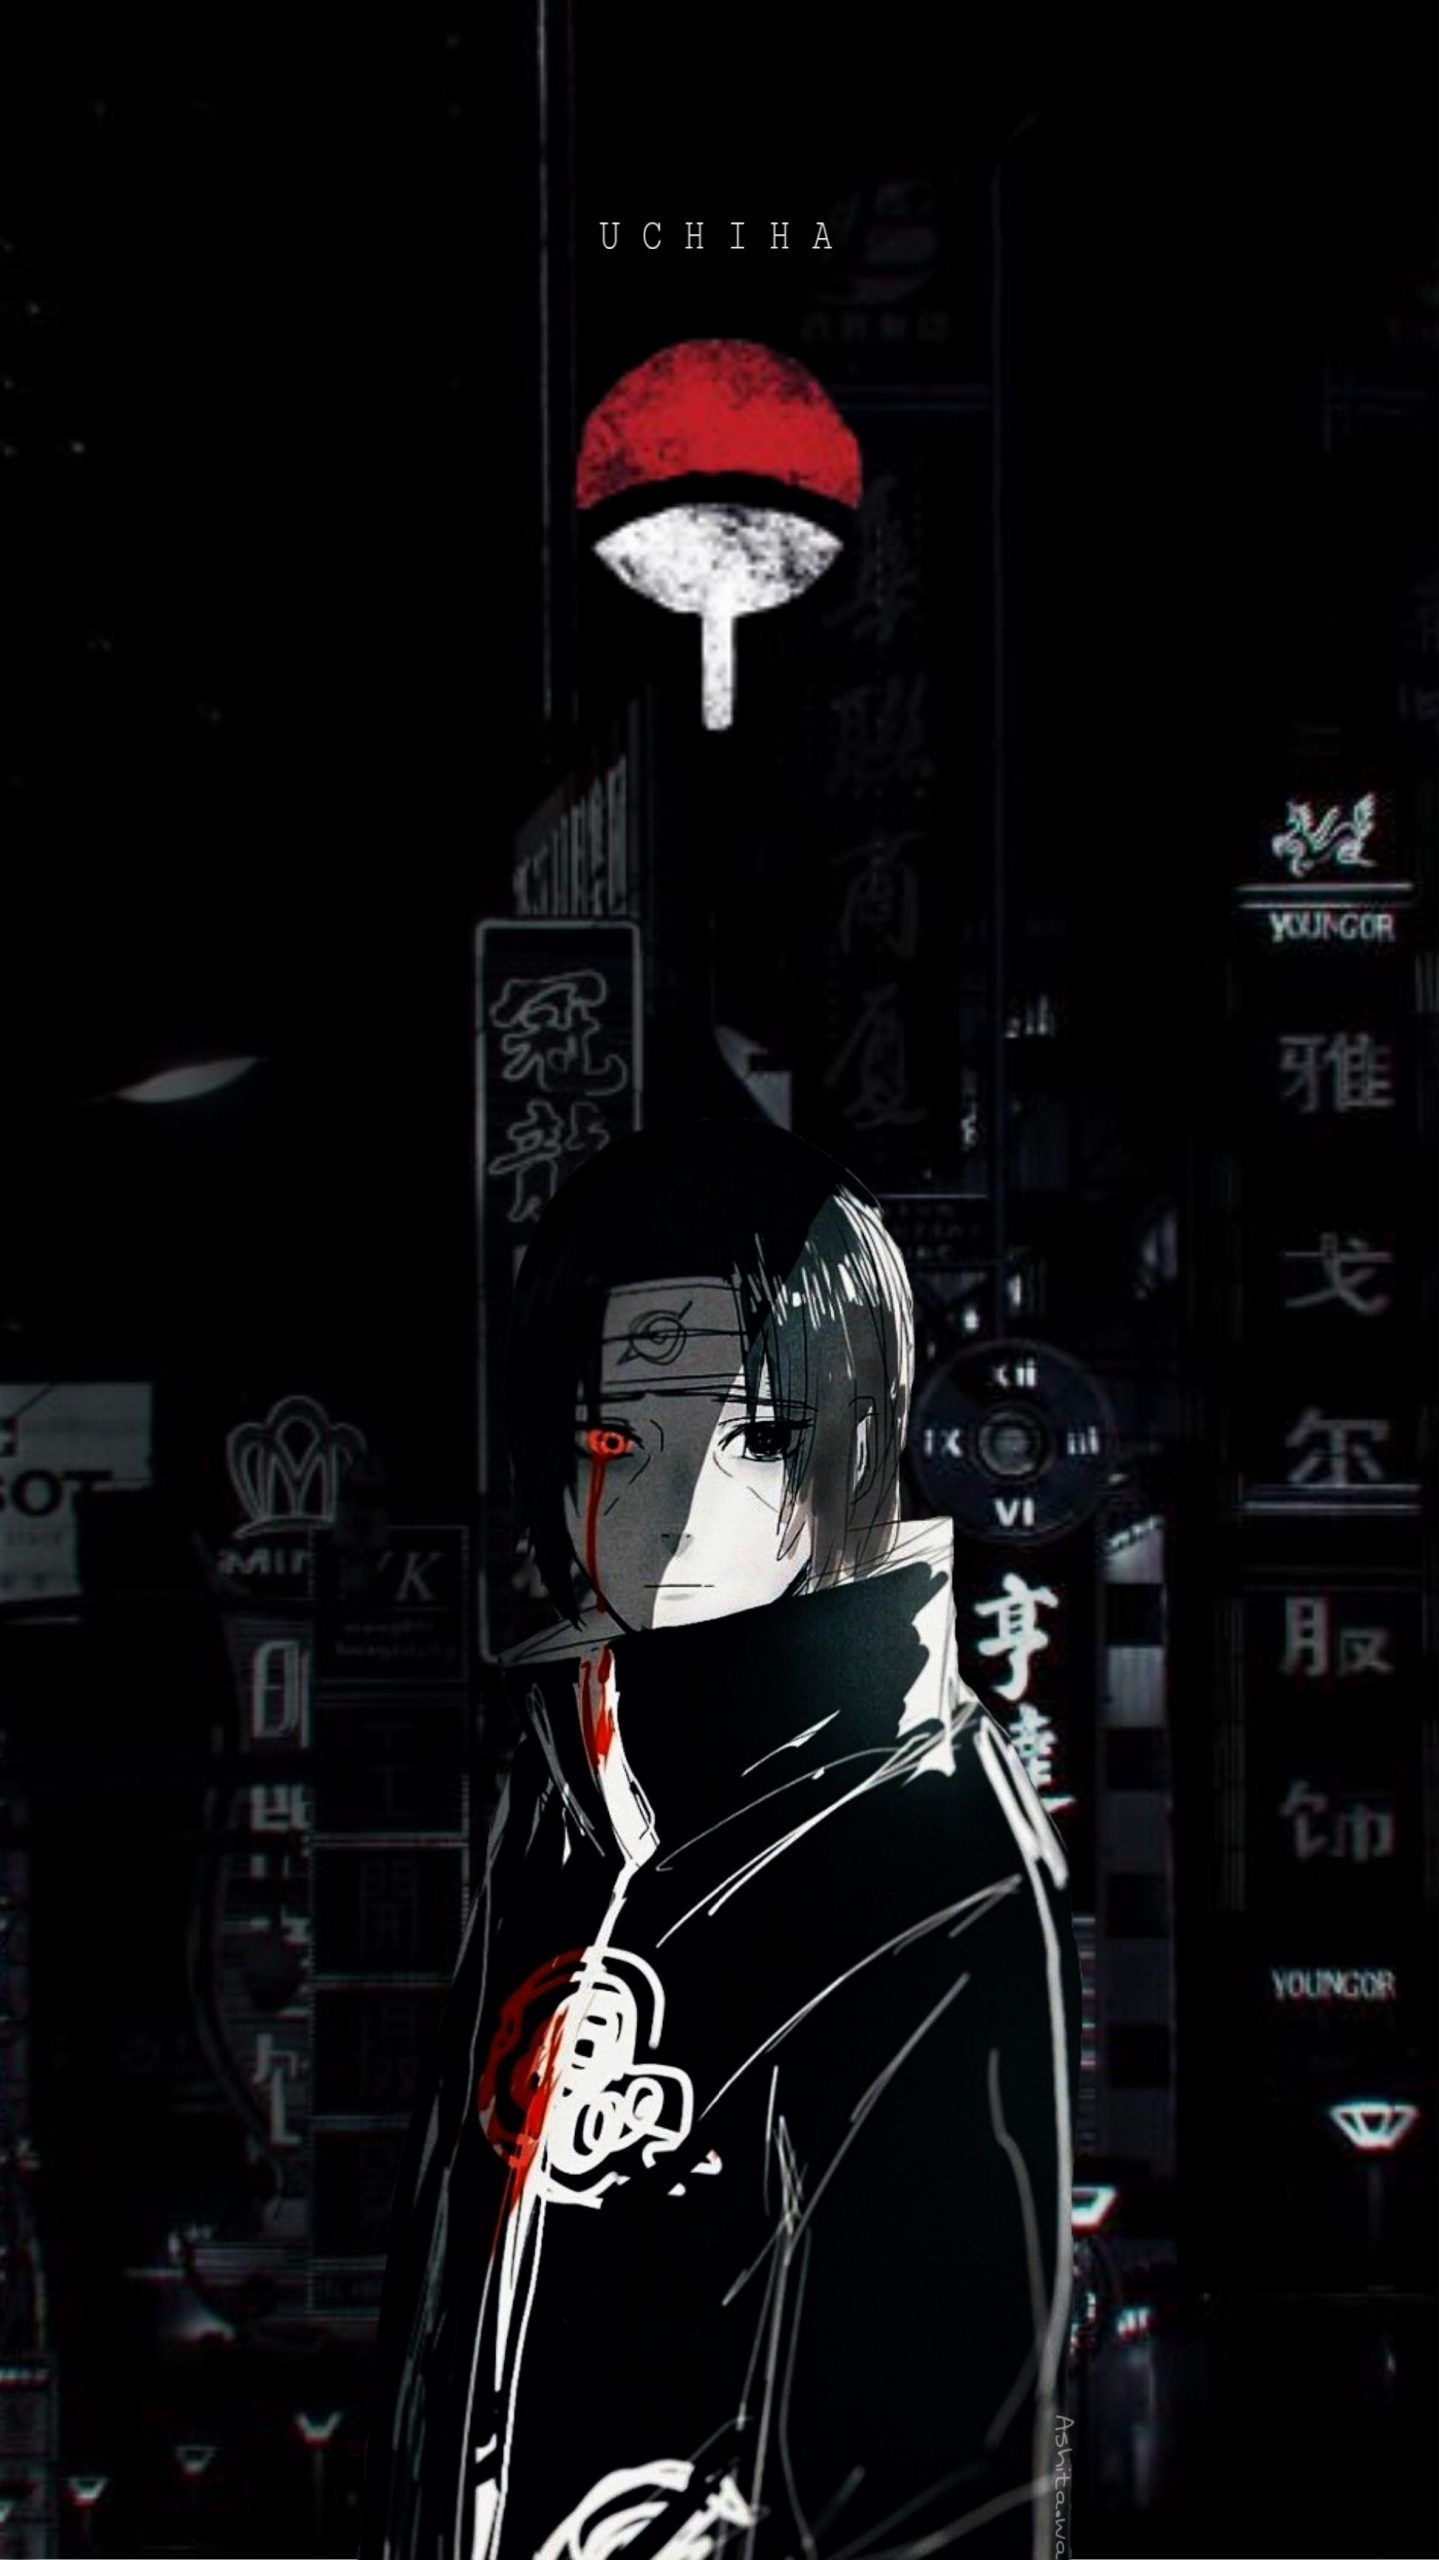 Itachi uchiha/ Nero wallpaper